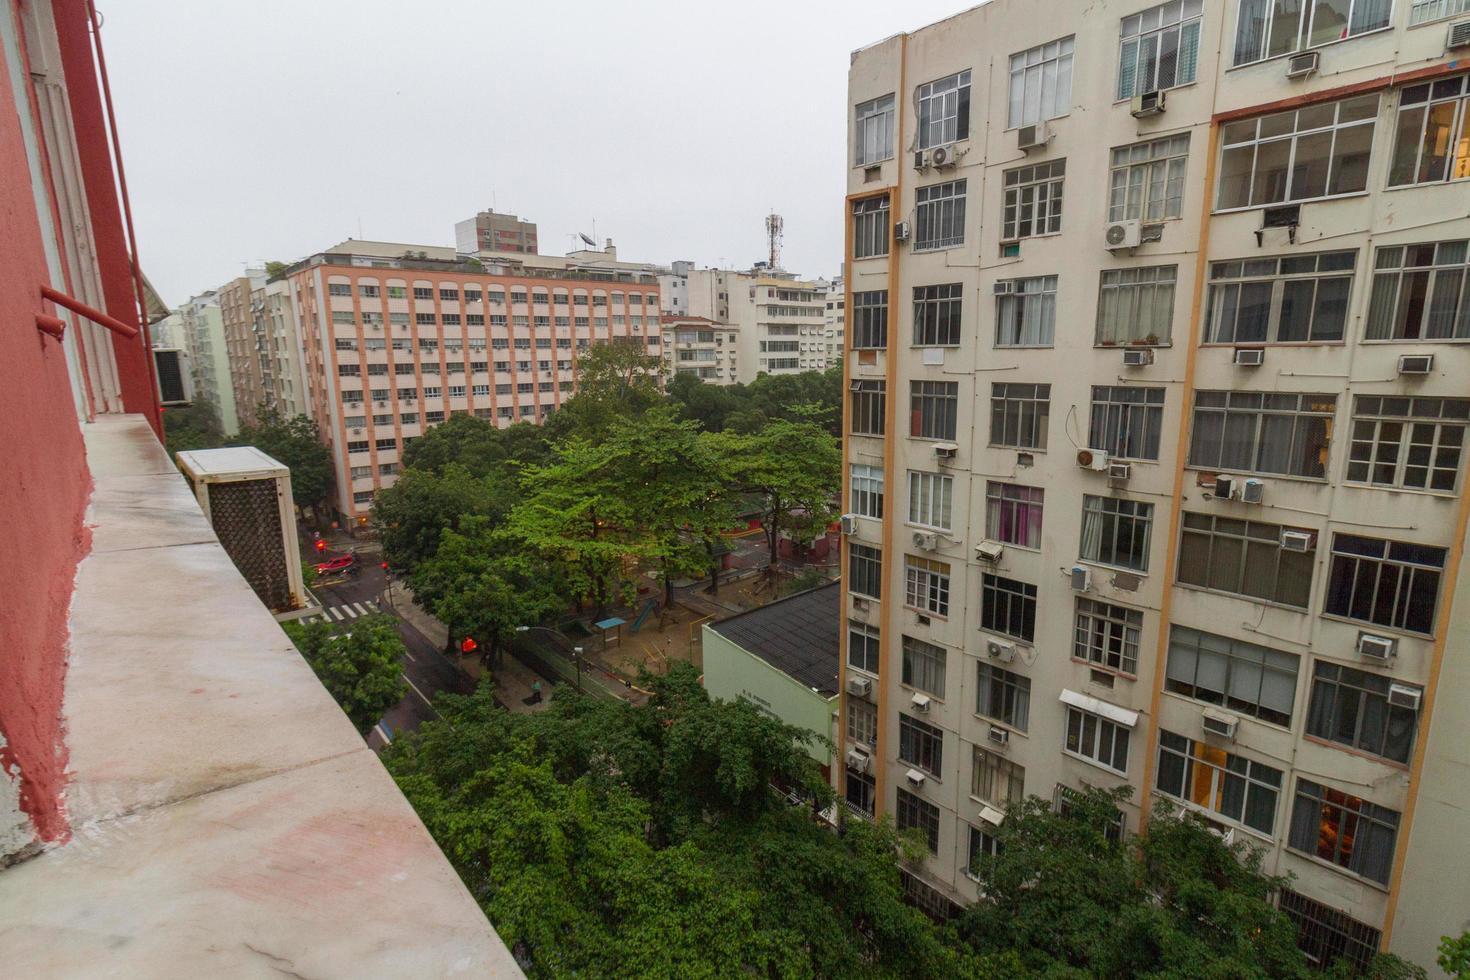 rio de janeiro, brazilië, 2015 - uitzicht op de copacabana-buurt foto